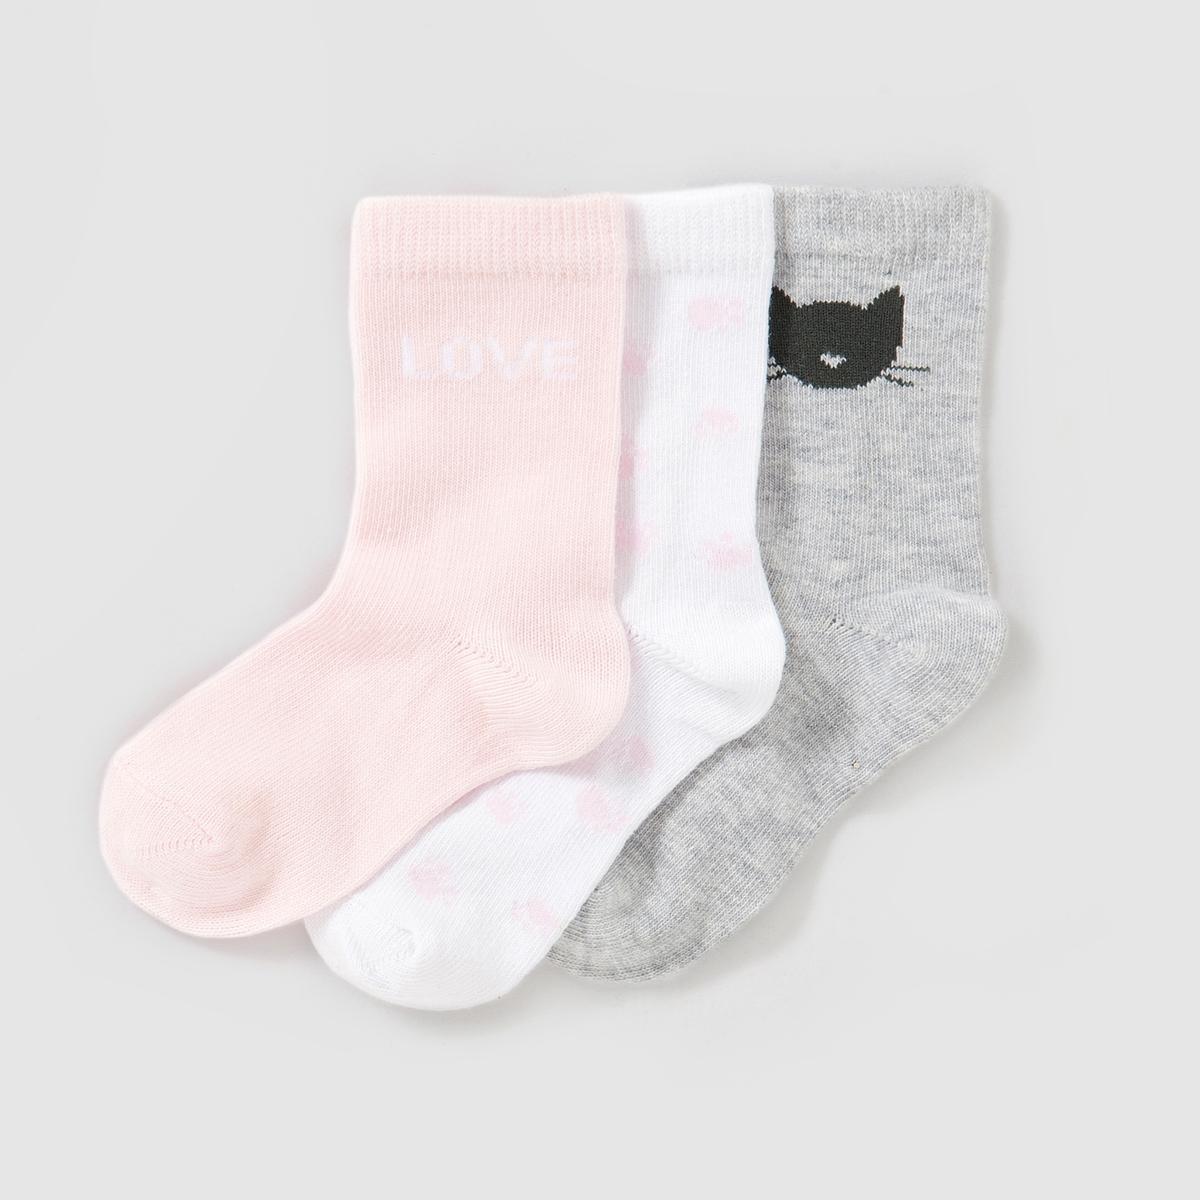 Комплект из 3 пар носков3 пары носков  Состав и описаниеМатериал        75% хлопка, 24% полиамида, 1% эластана<br><br>Цвет: белый + серый + розовый<br>Размер: 23/26